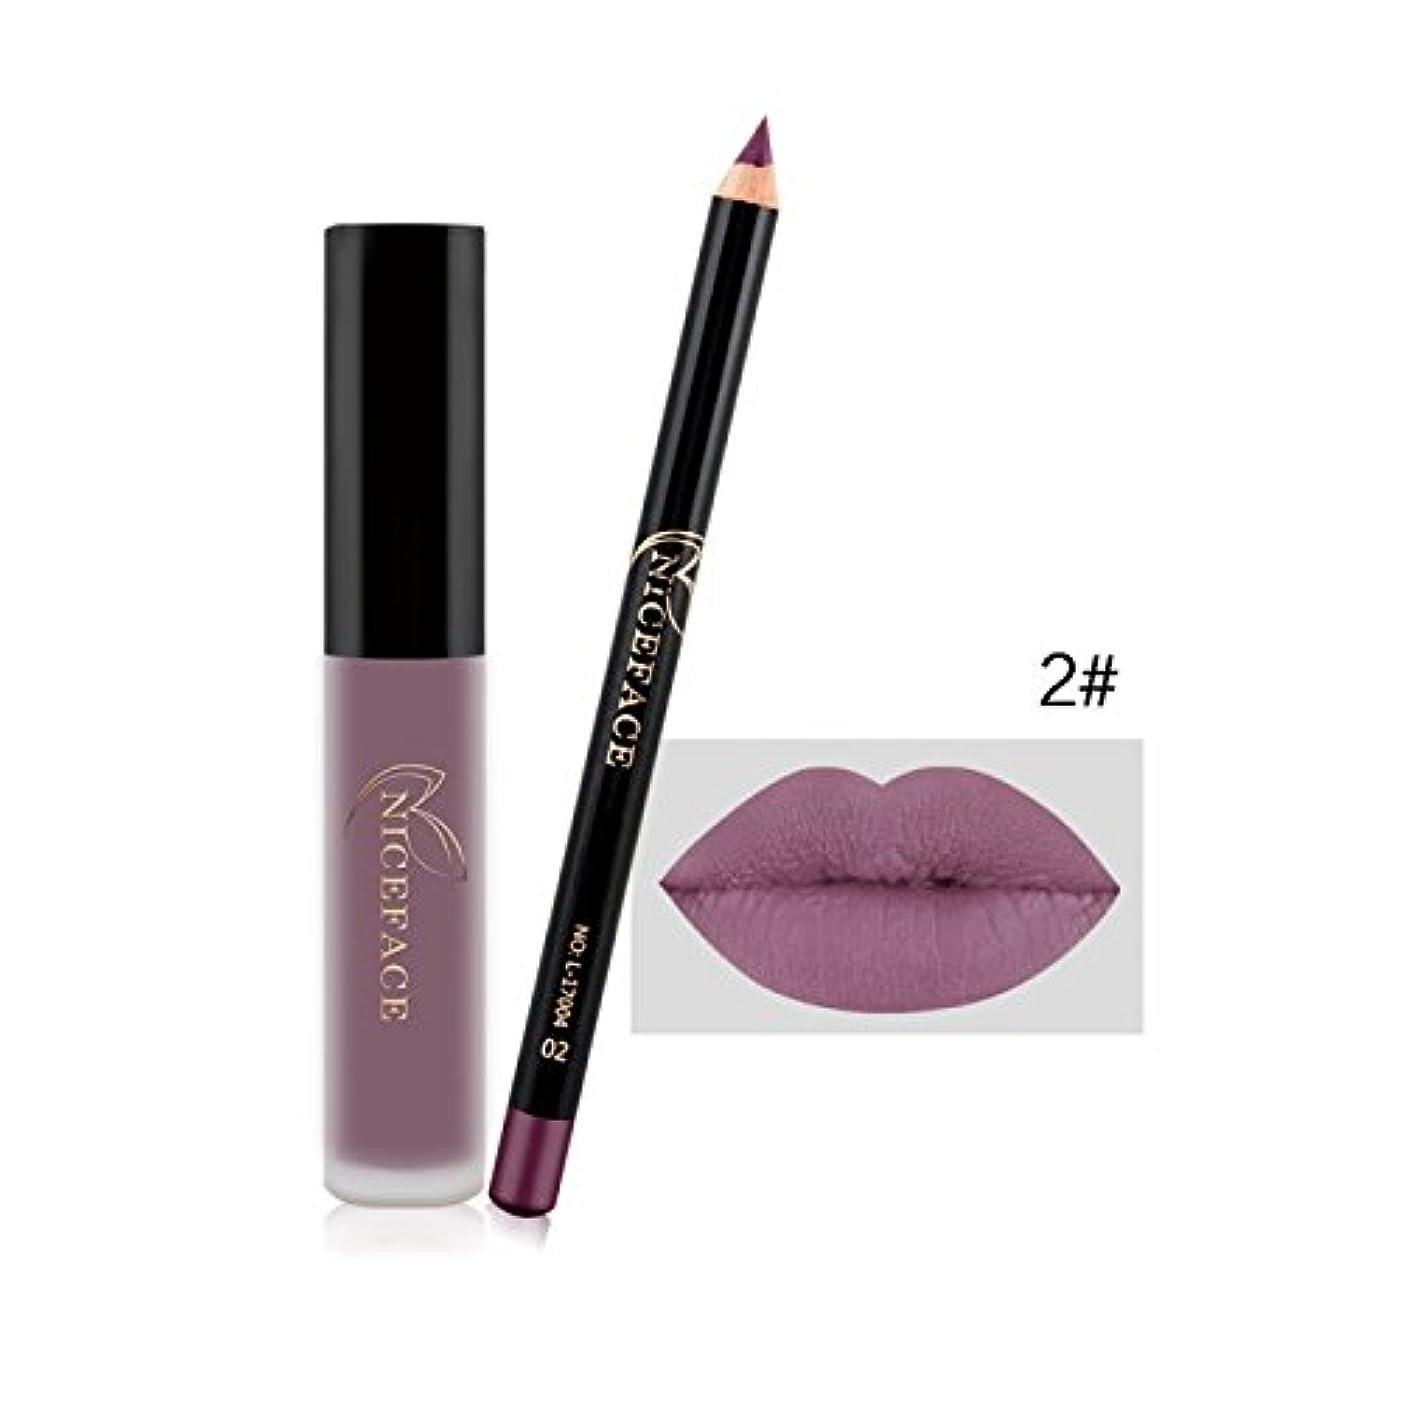 描写防水凍った(2#) Makeup Set Lip Gloss + Lip Liner Set Lip Set Matte Lipstick Long Lasting Waterproof Solid Lip Pencil Liner Set Newest